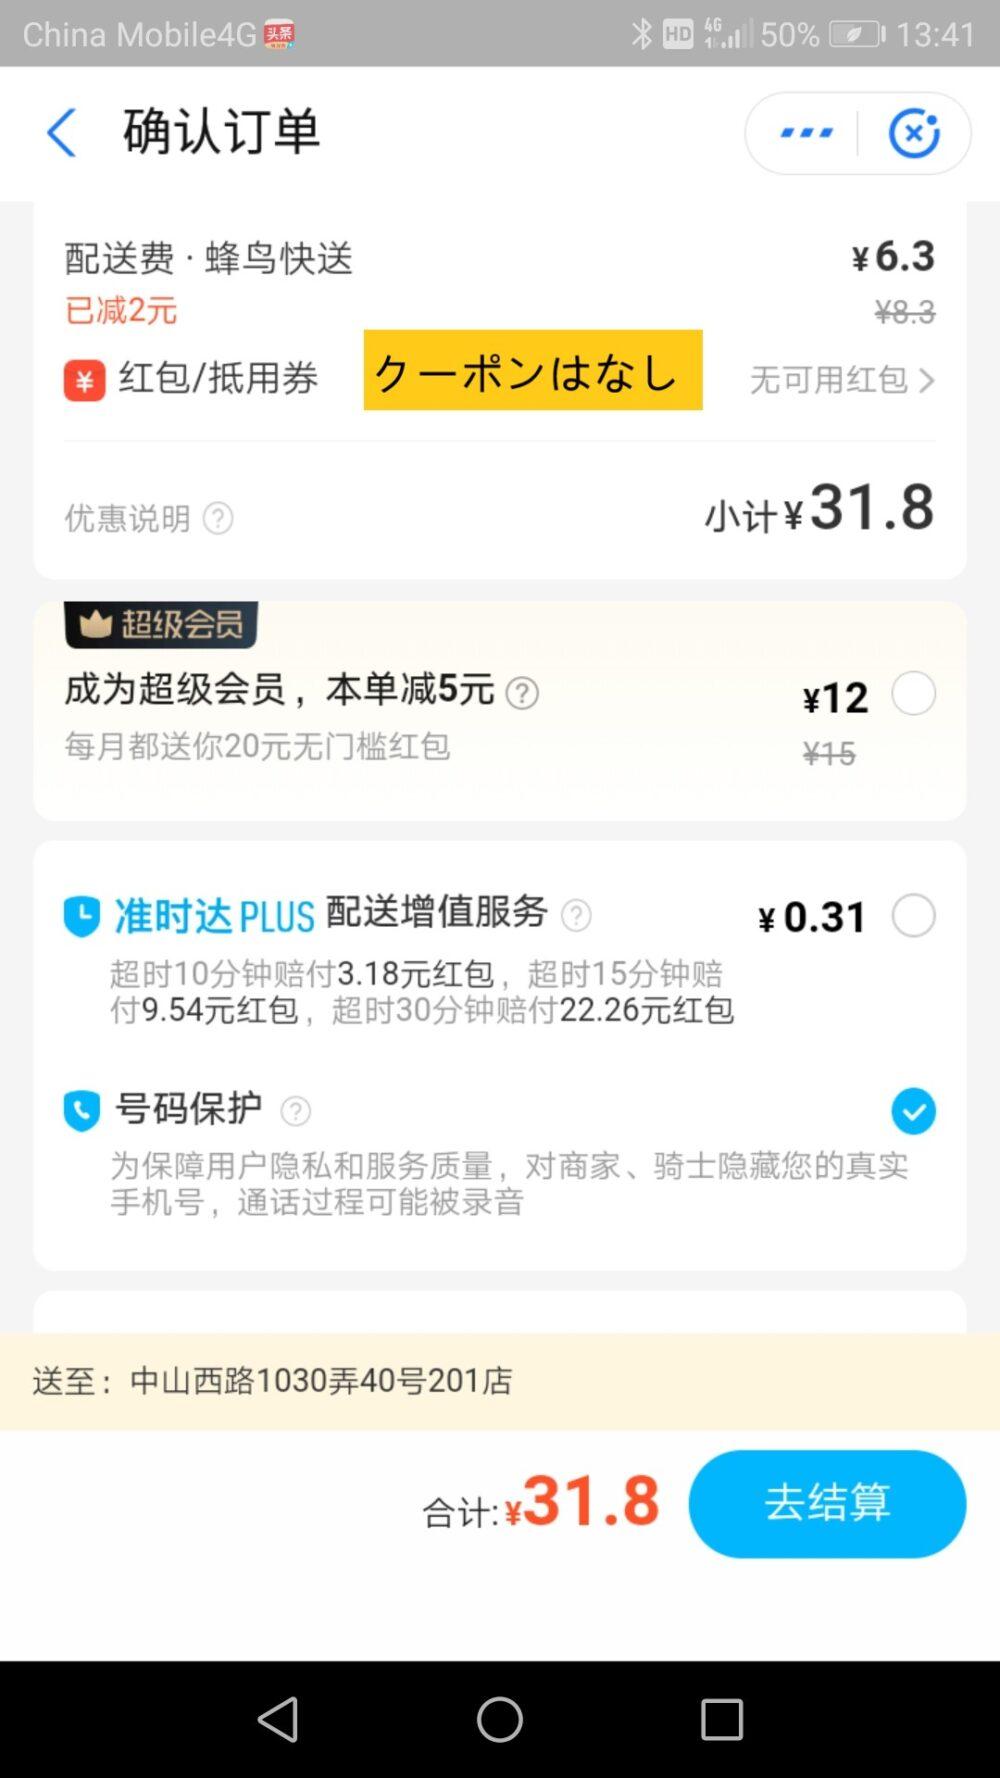 フードデリバリーアプリ饿了么を利用してクーポンの確認をしているスクリーンショットした画像